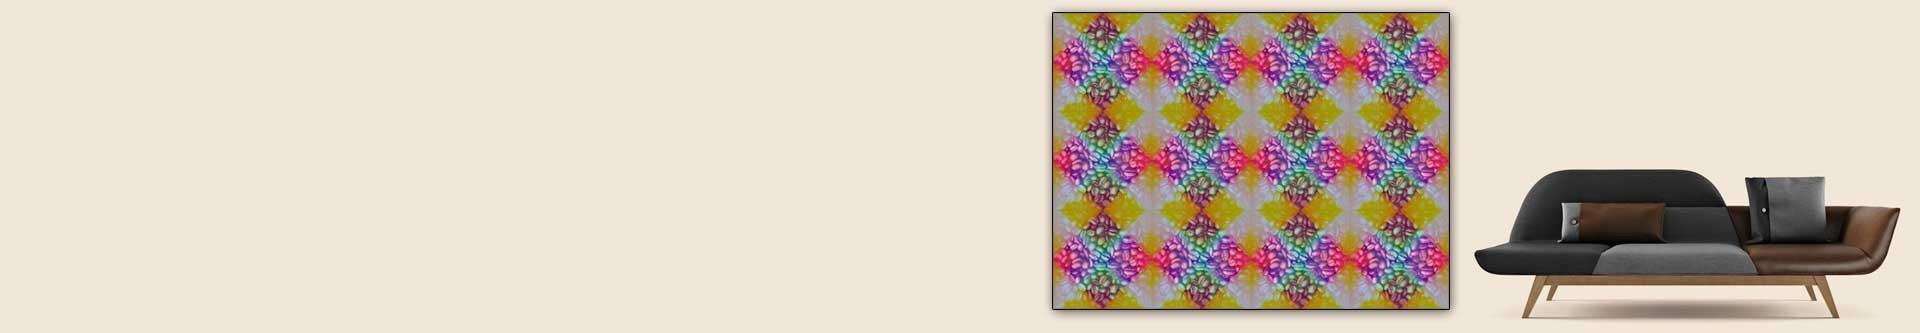 Obrazy kawa i plakaty - wzory geometryczne lub z filiżanką kawy • grafikiobrazy.pl